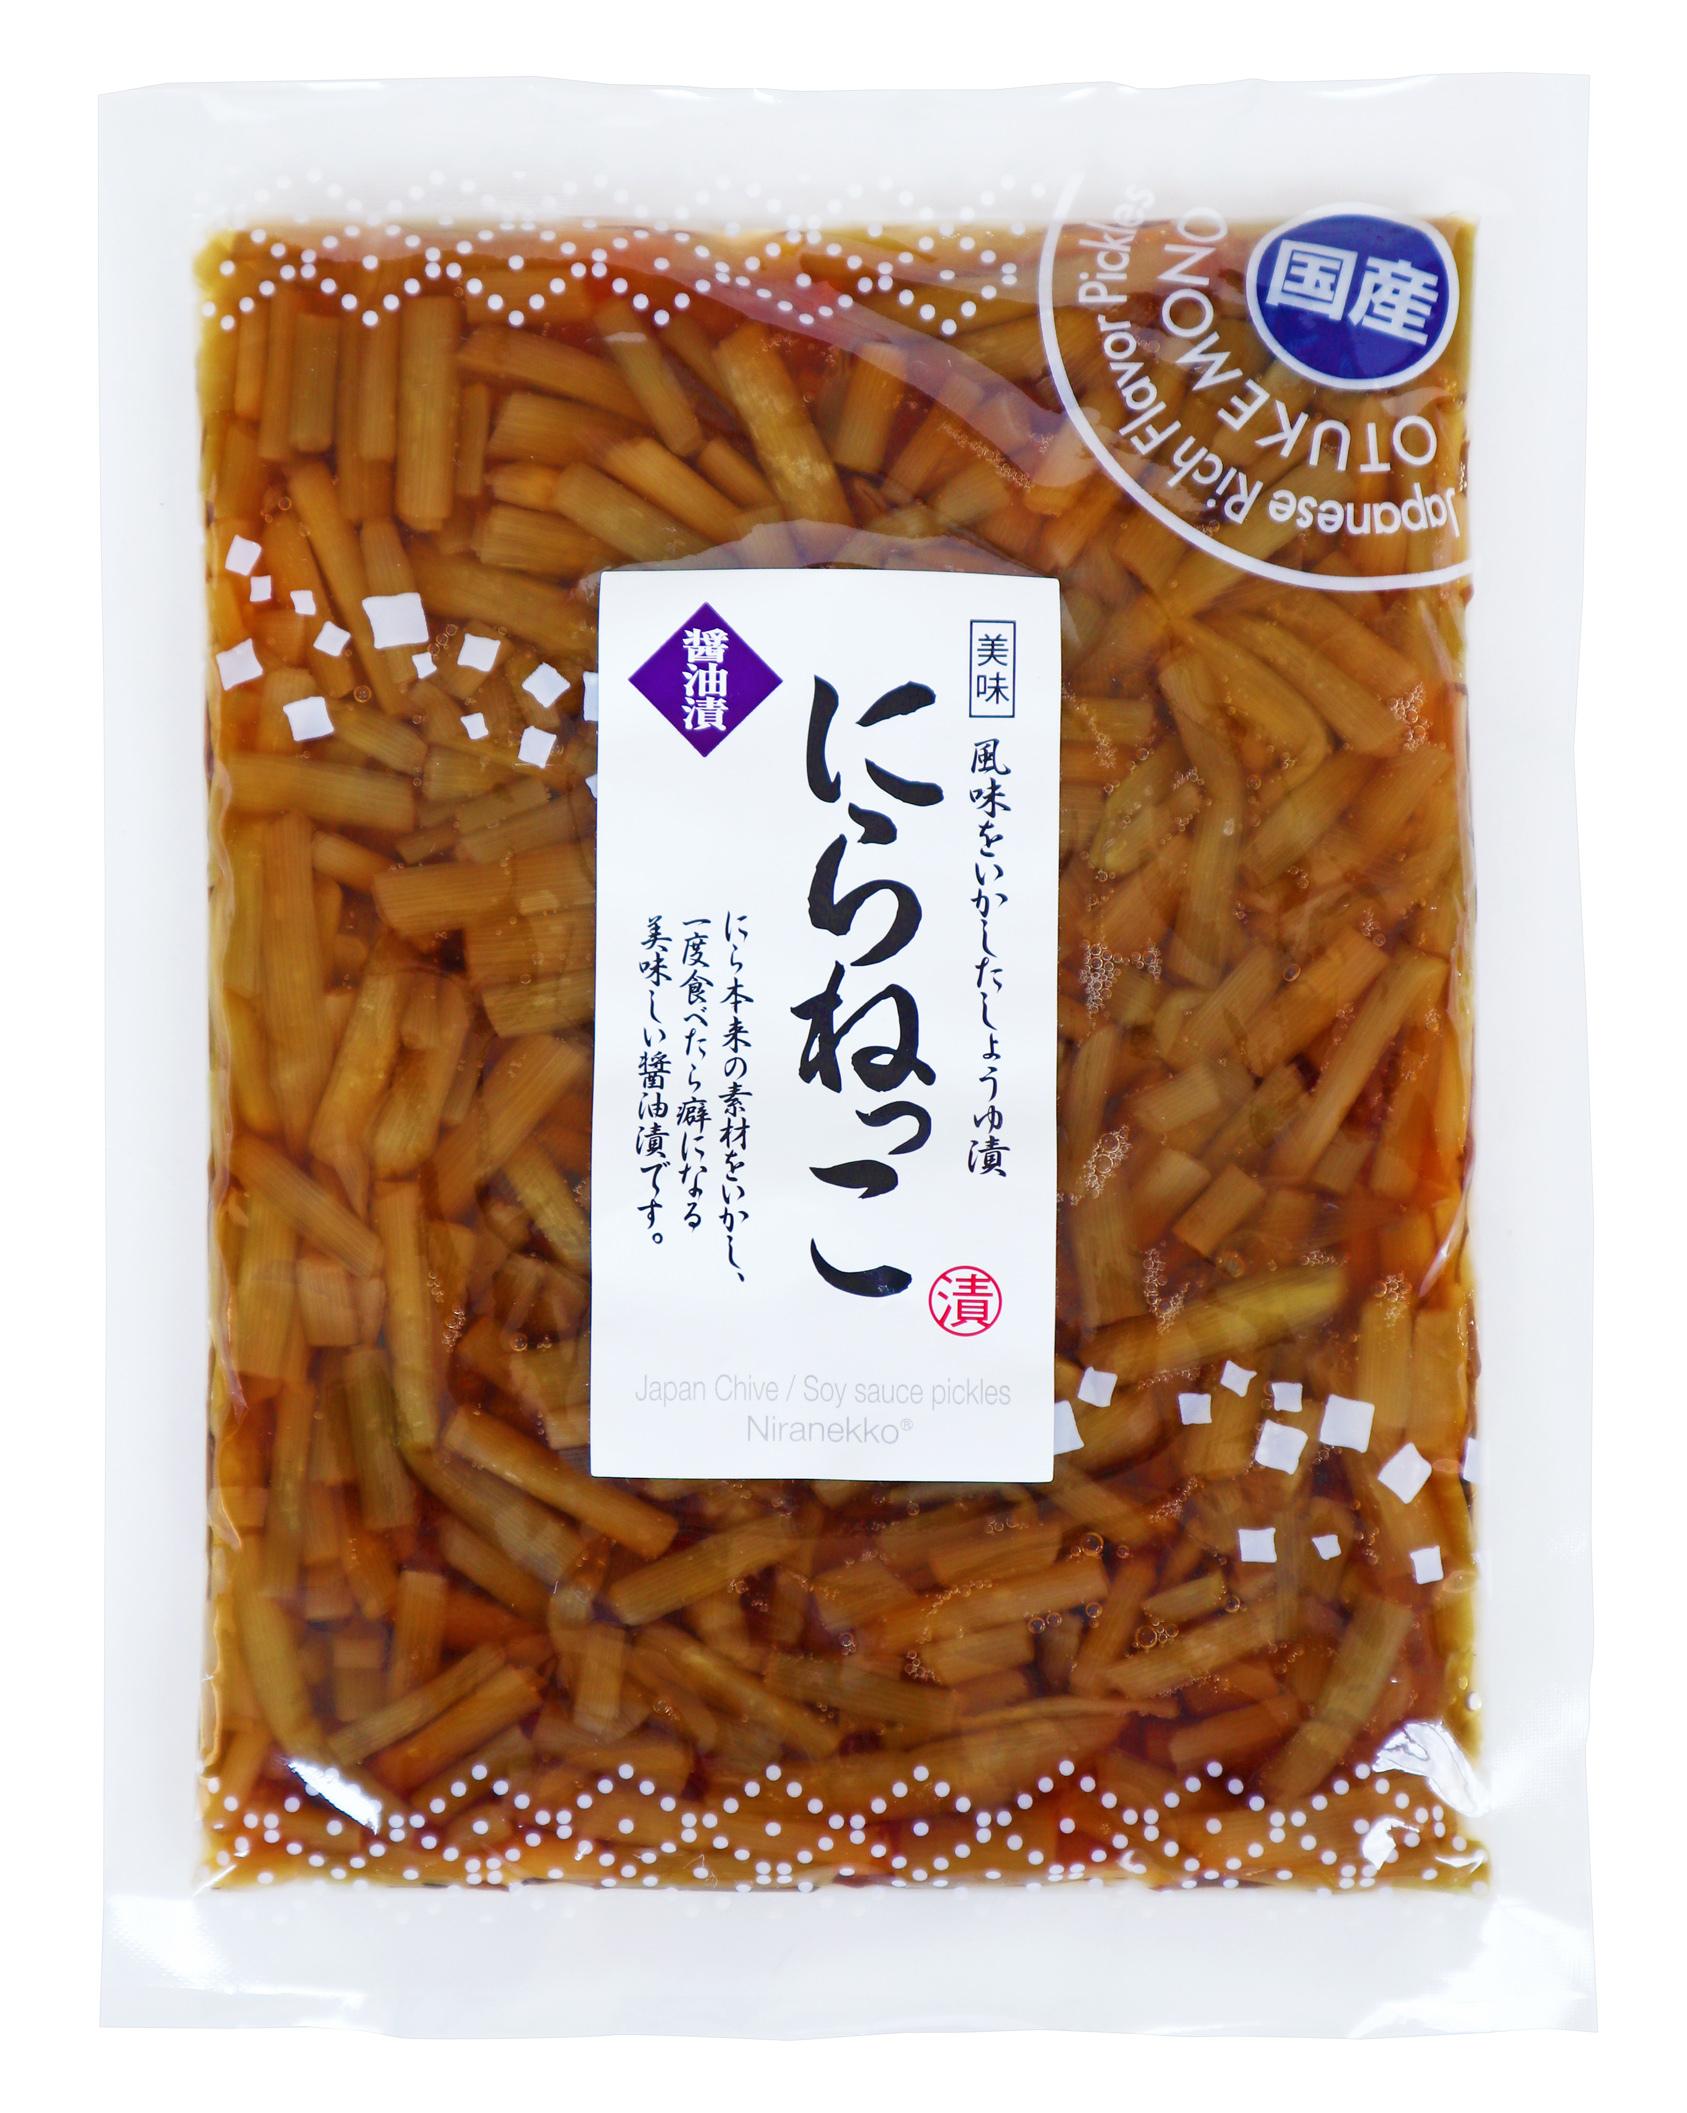 日本の味 にらねっこ!にらの茎を中心にシャキシャキ感が程よく残るにらねっこです!